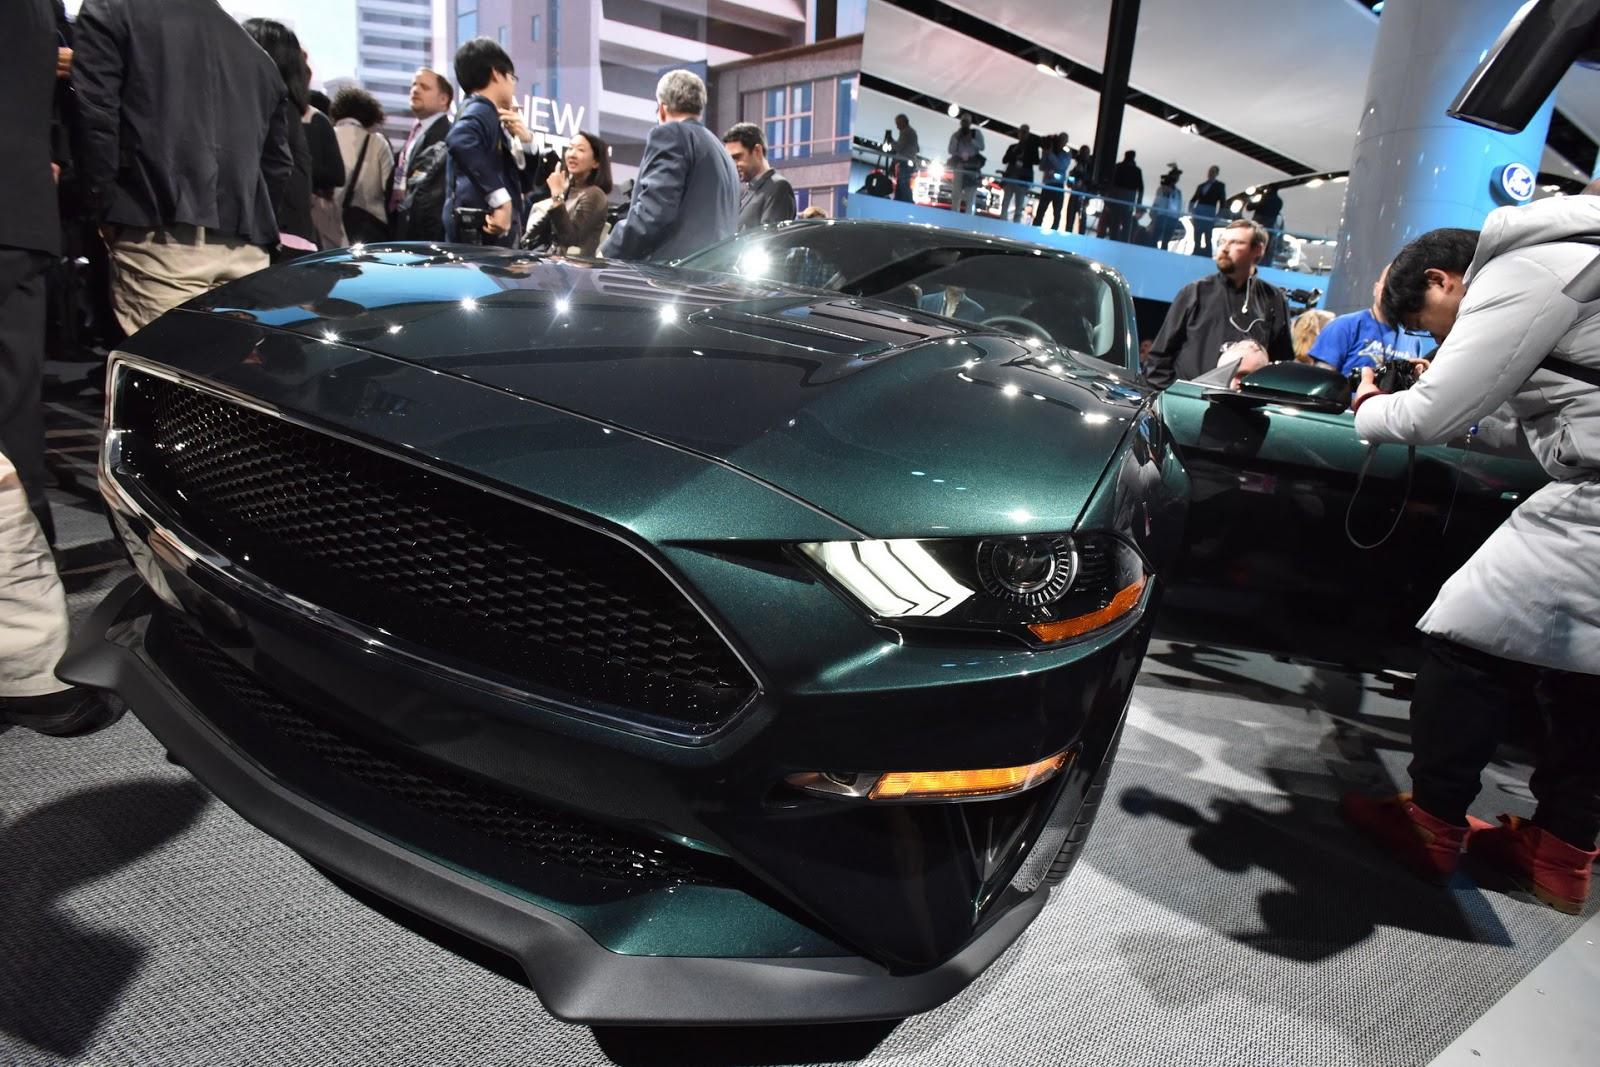 2019-Ford-Bullitt-01.JPG